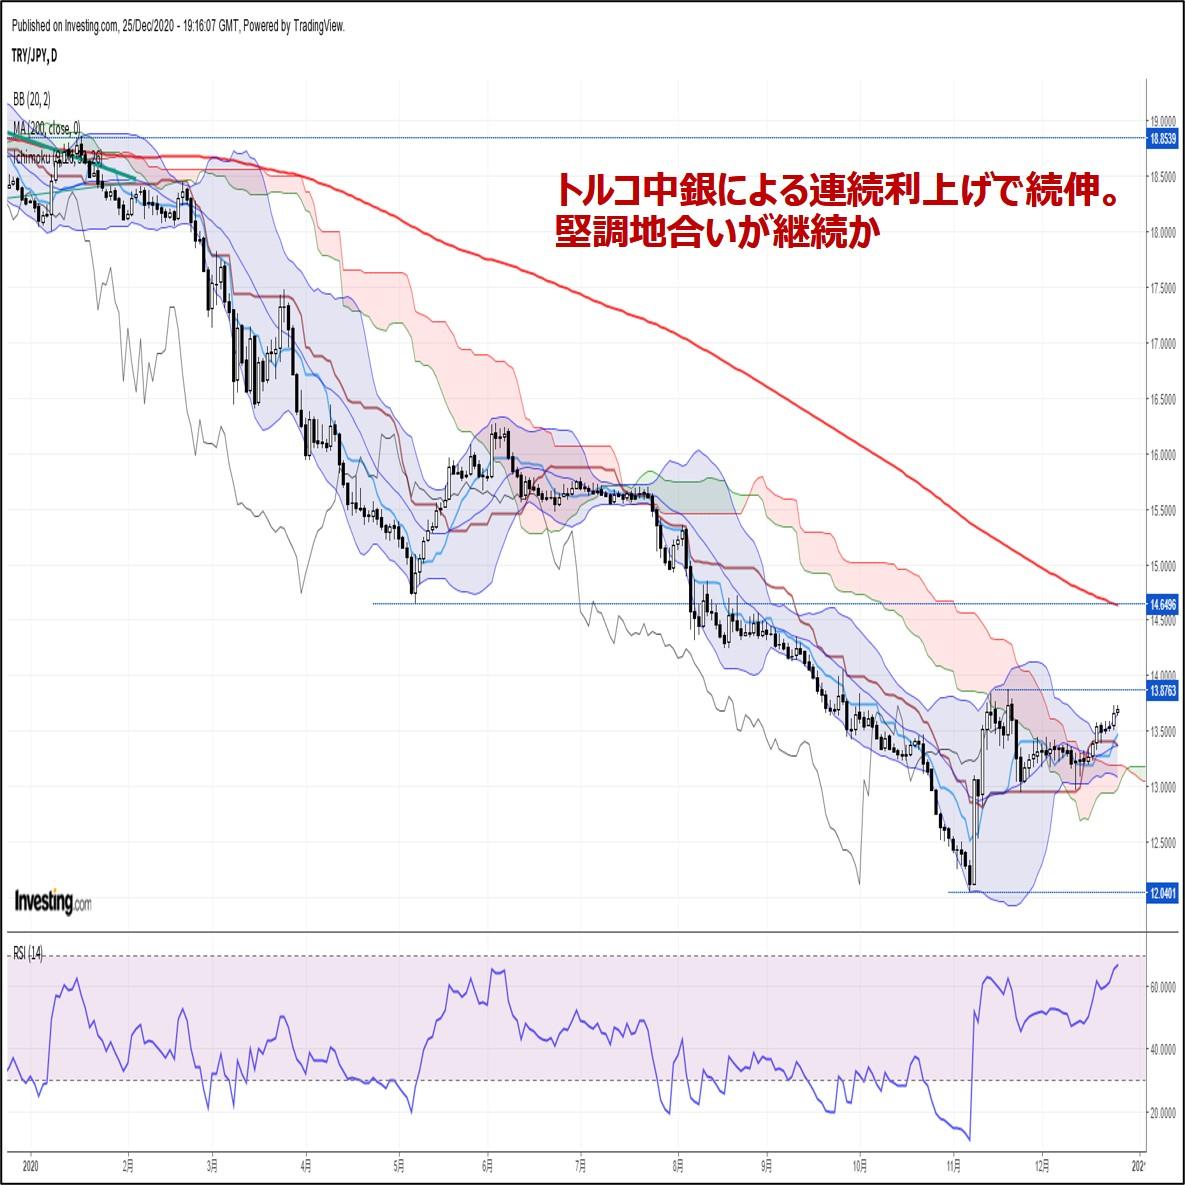 トルコリラ週報:『トルコ中銀による連続利上げで続伸。堅調地合いが継続か』(12/26朝)